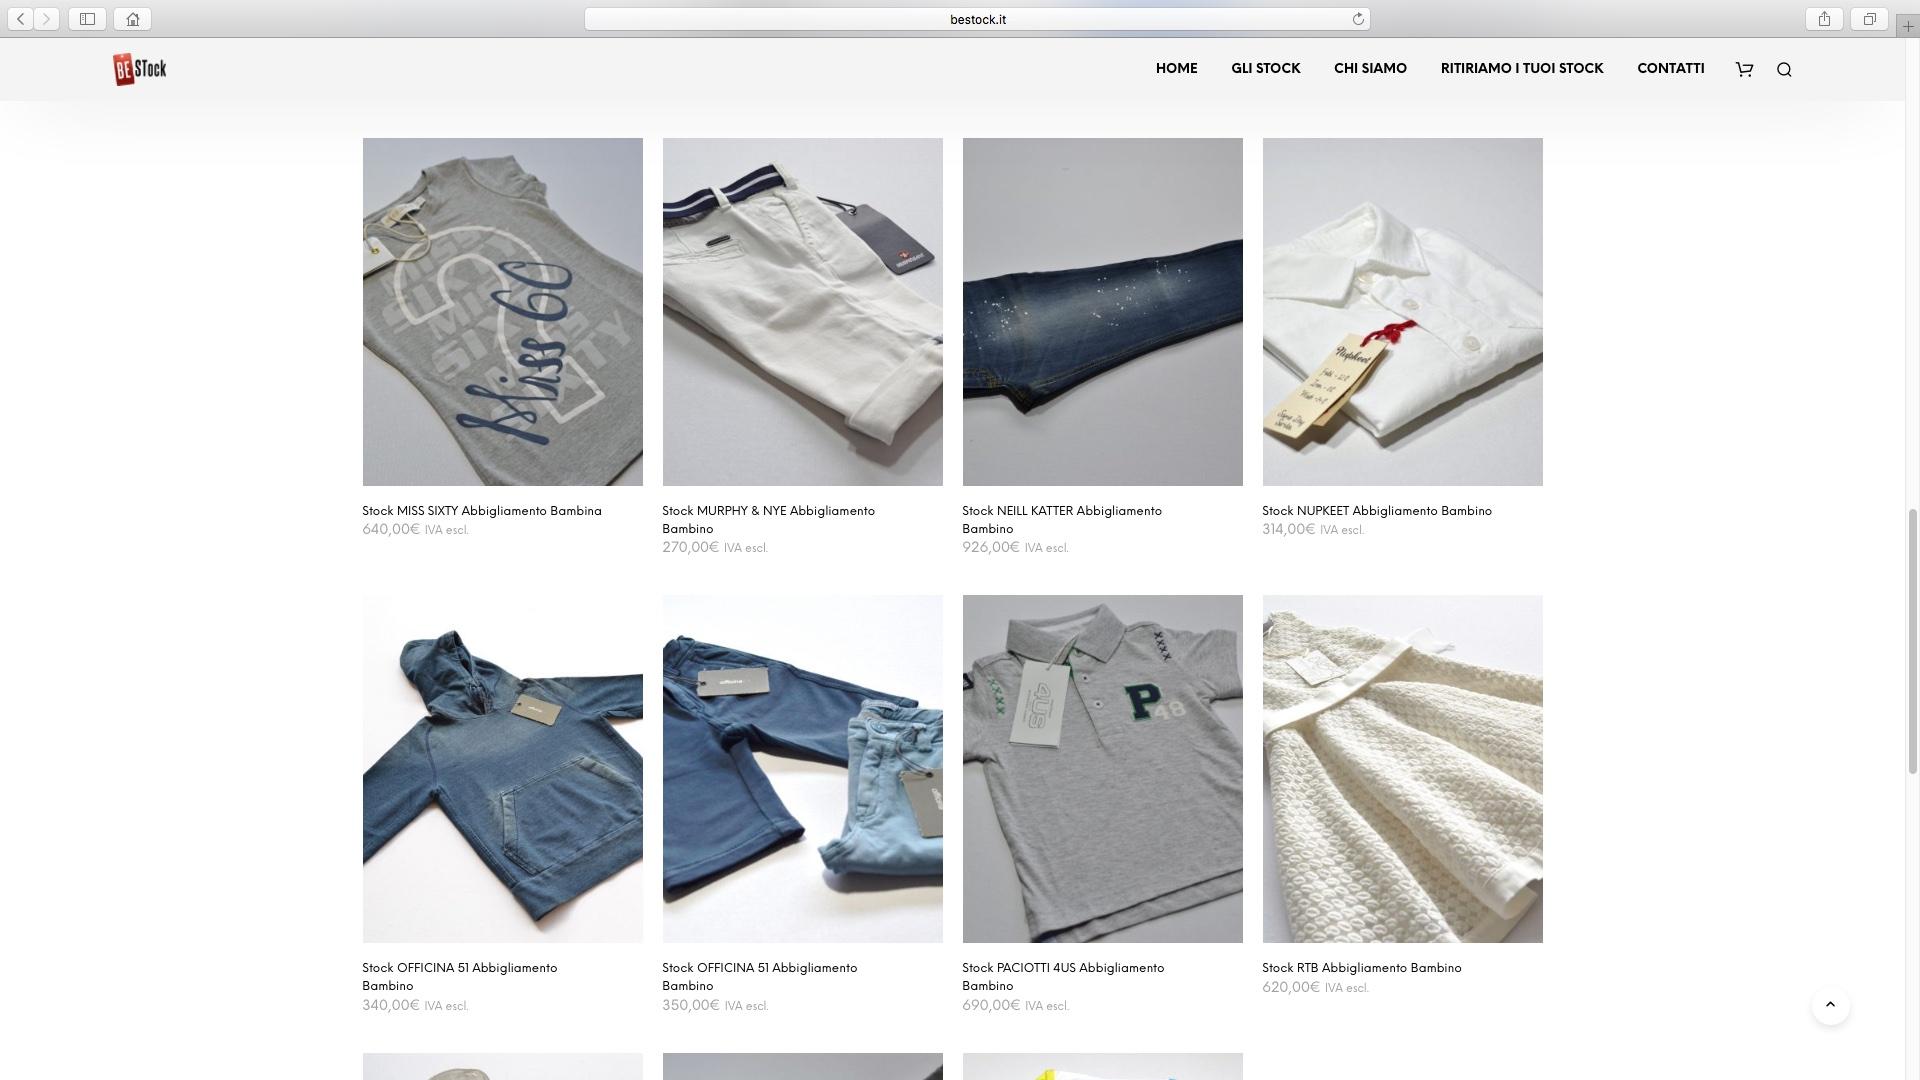 sito-web-brescia-catalogo-online-negozio-ecommerce-02